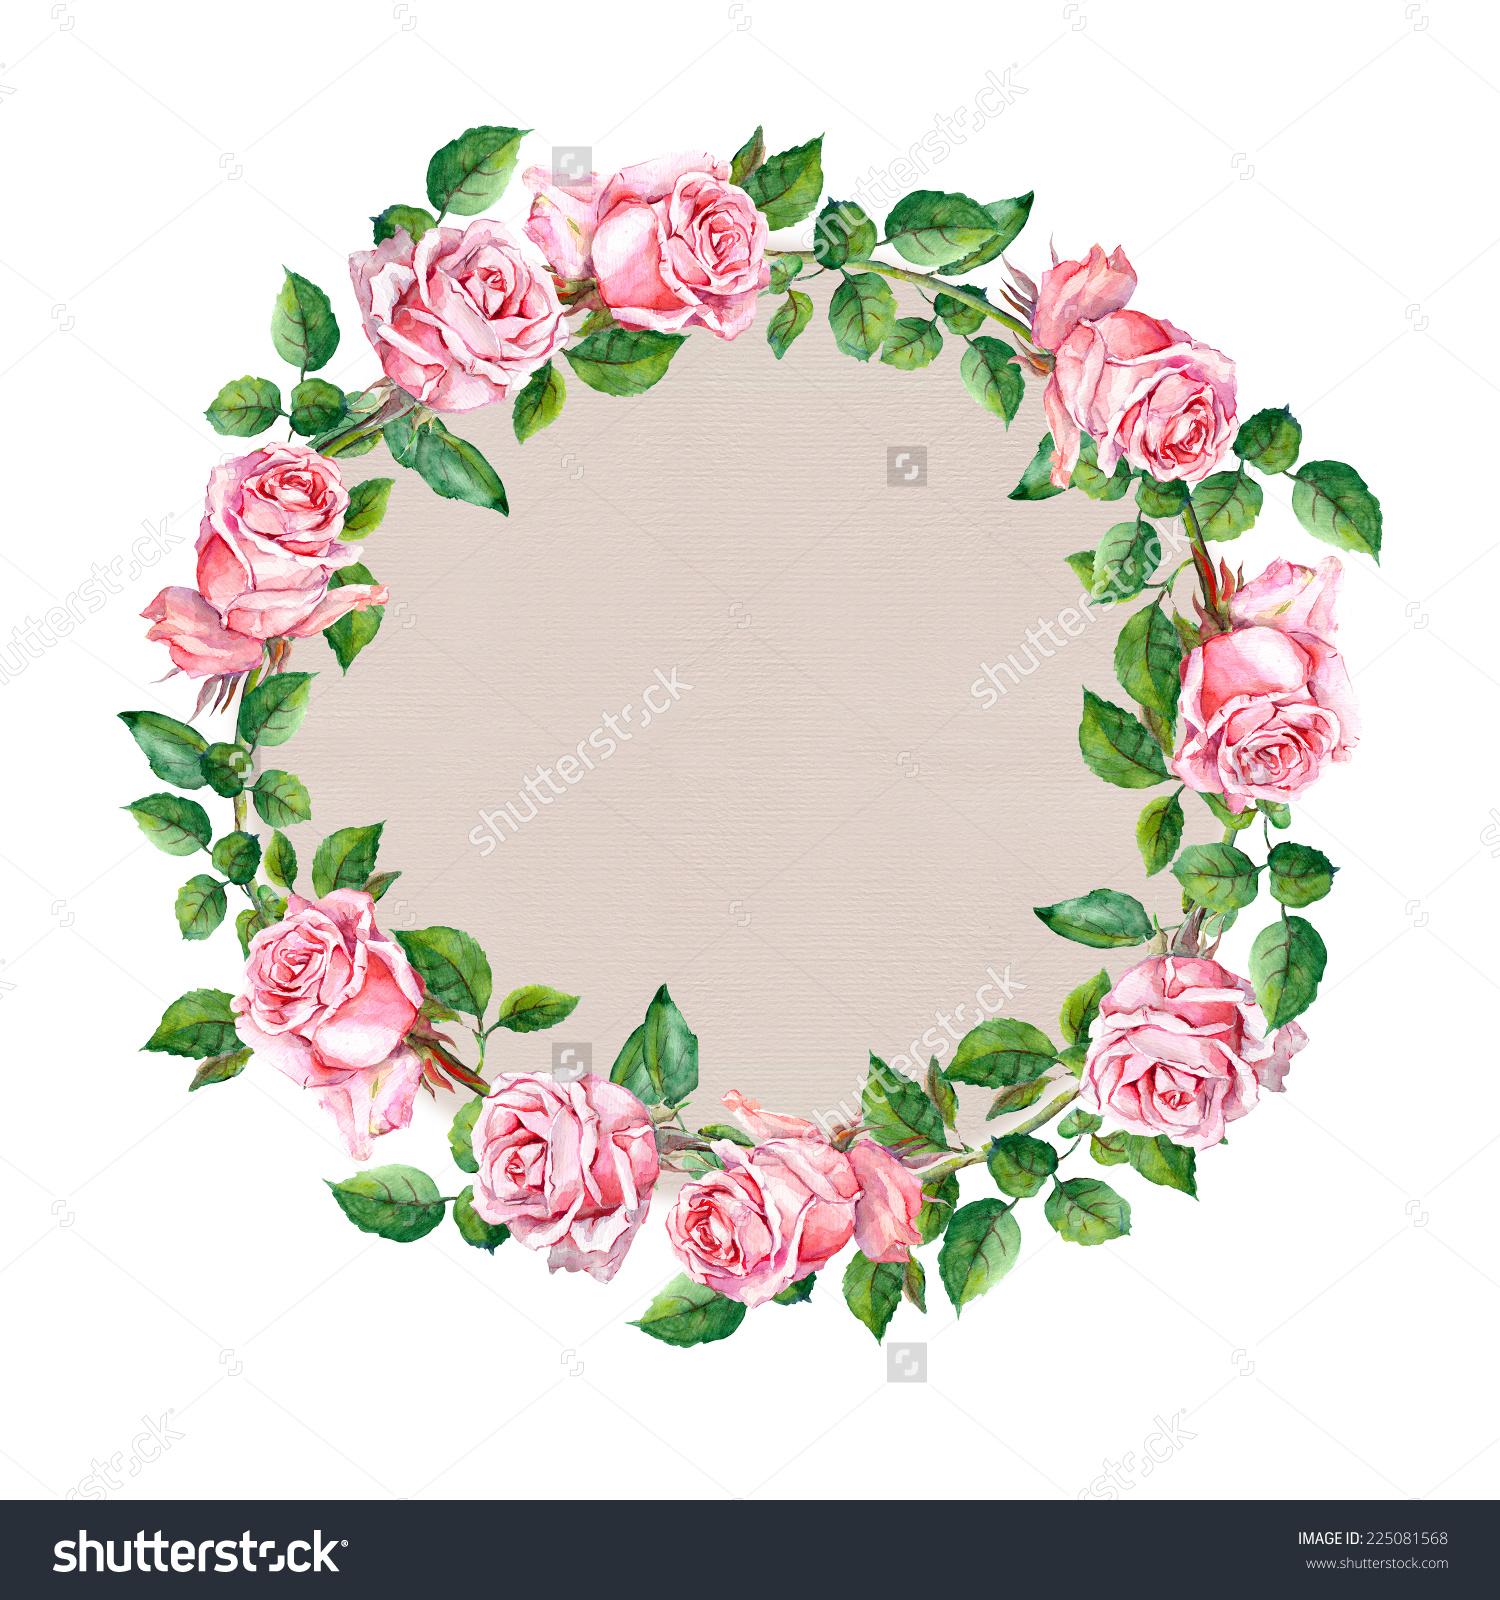 circle flower wreath clipart #13